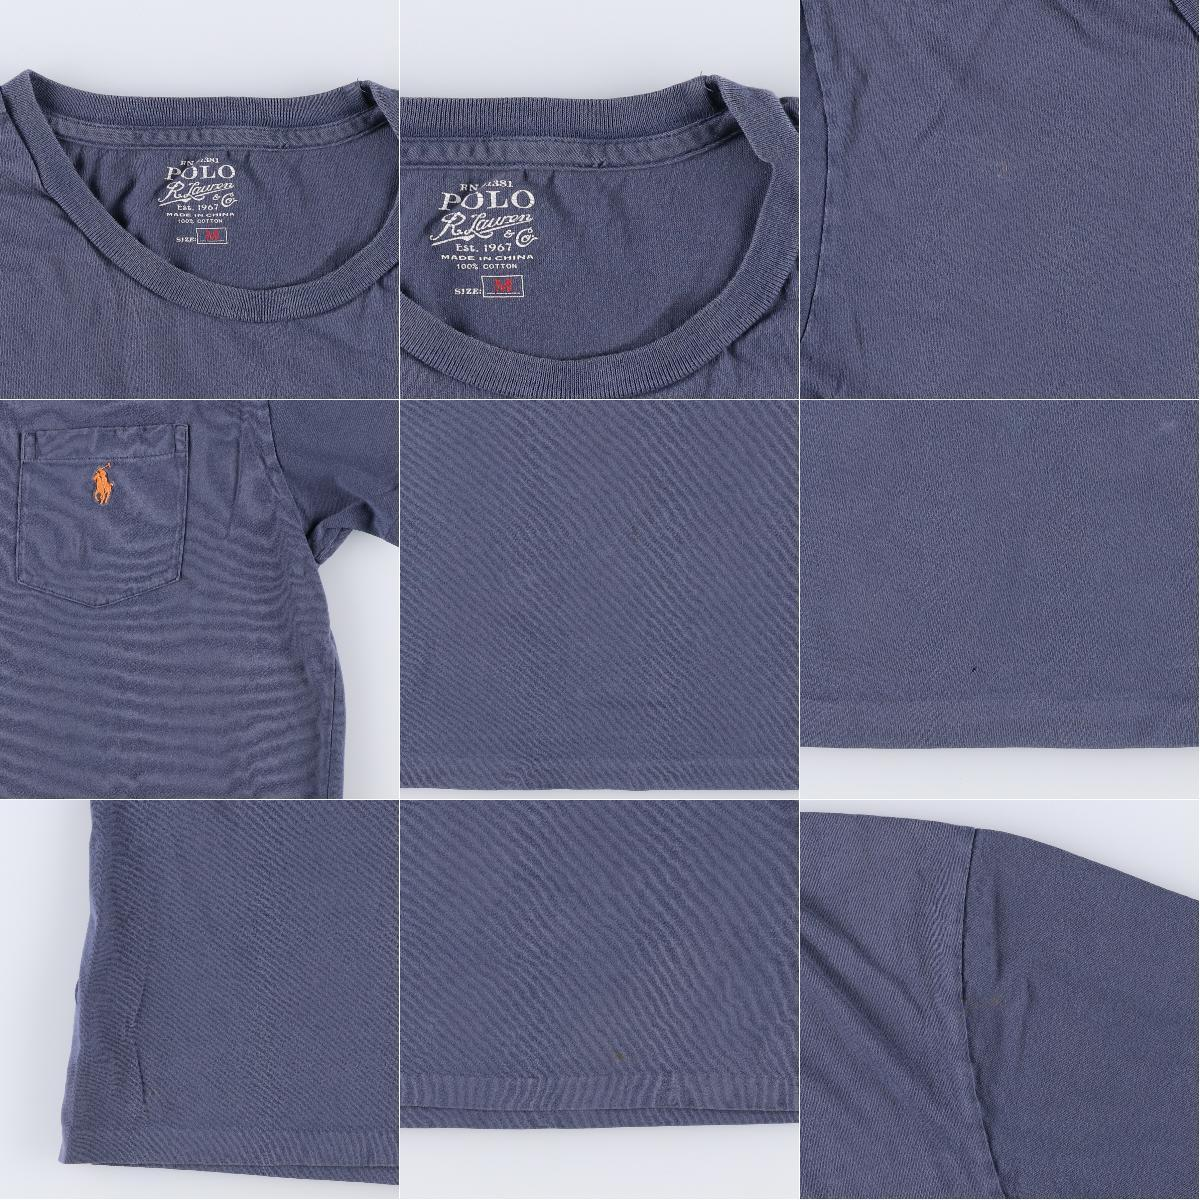 ラルフローレン Ralph Lauren POLO by Ralph Lauren 半袖 ワンポイントロゴポケットTシャツ メンズL /eaa168349_画像3